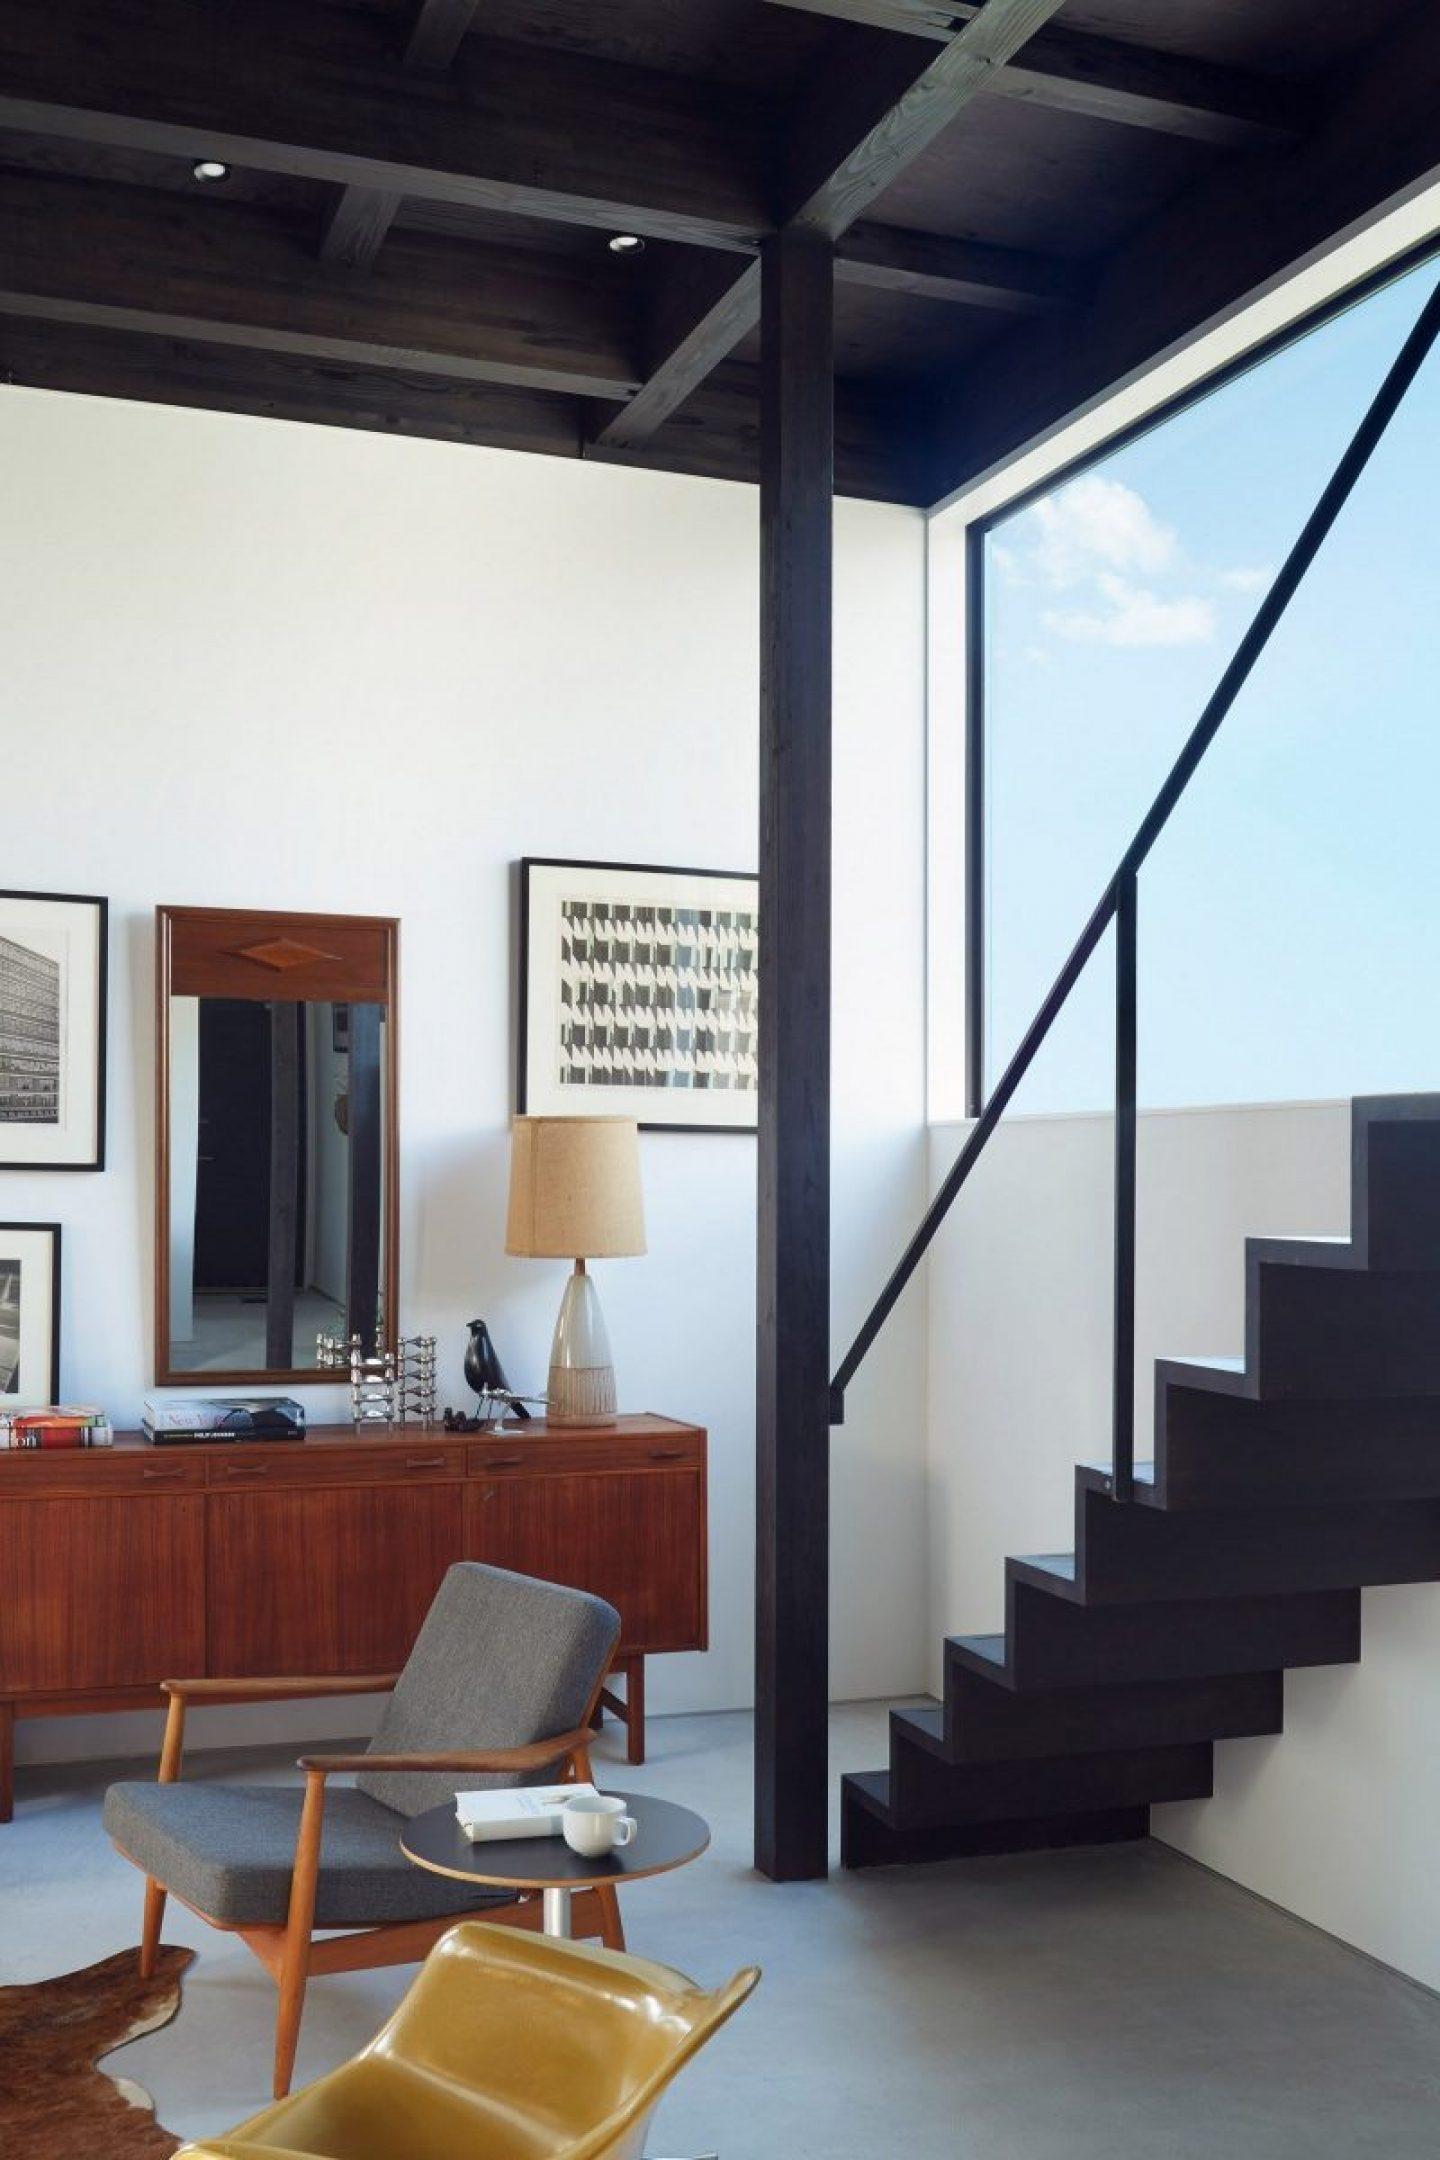 Takaaki_Christina_Kawabata_Architecture (2)